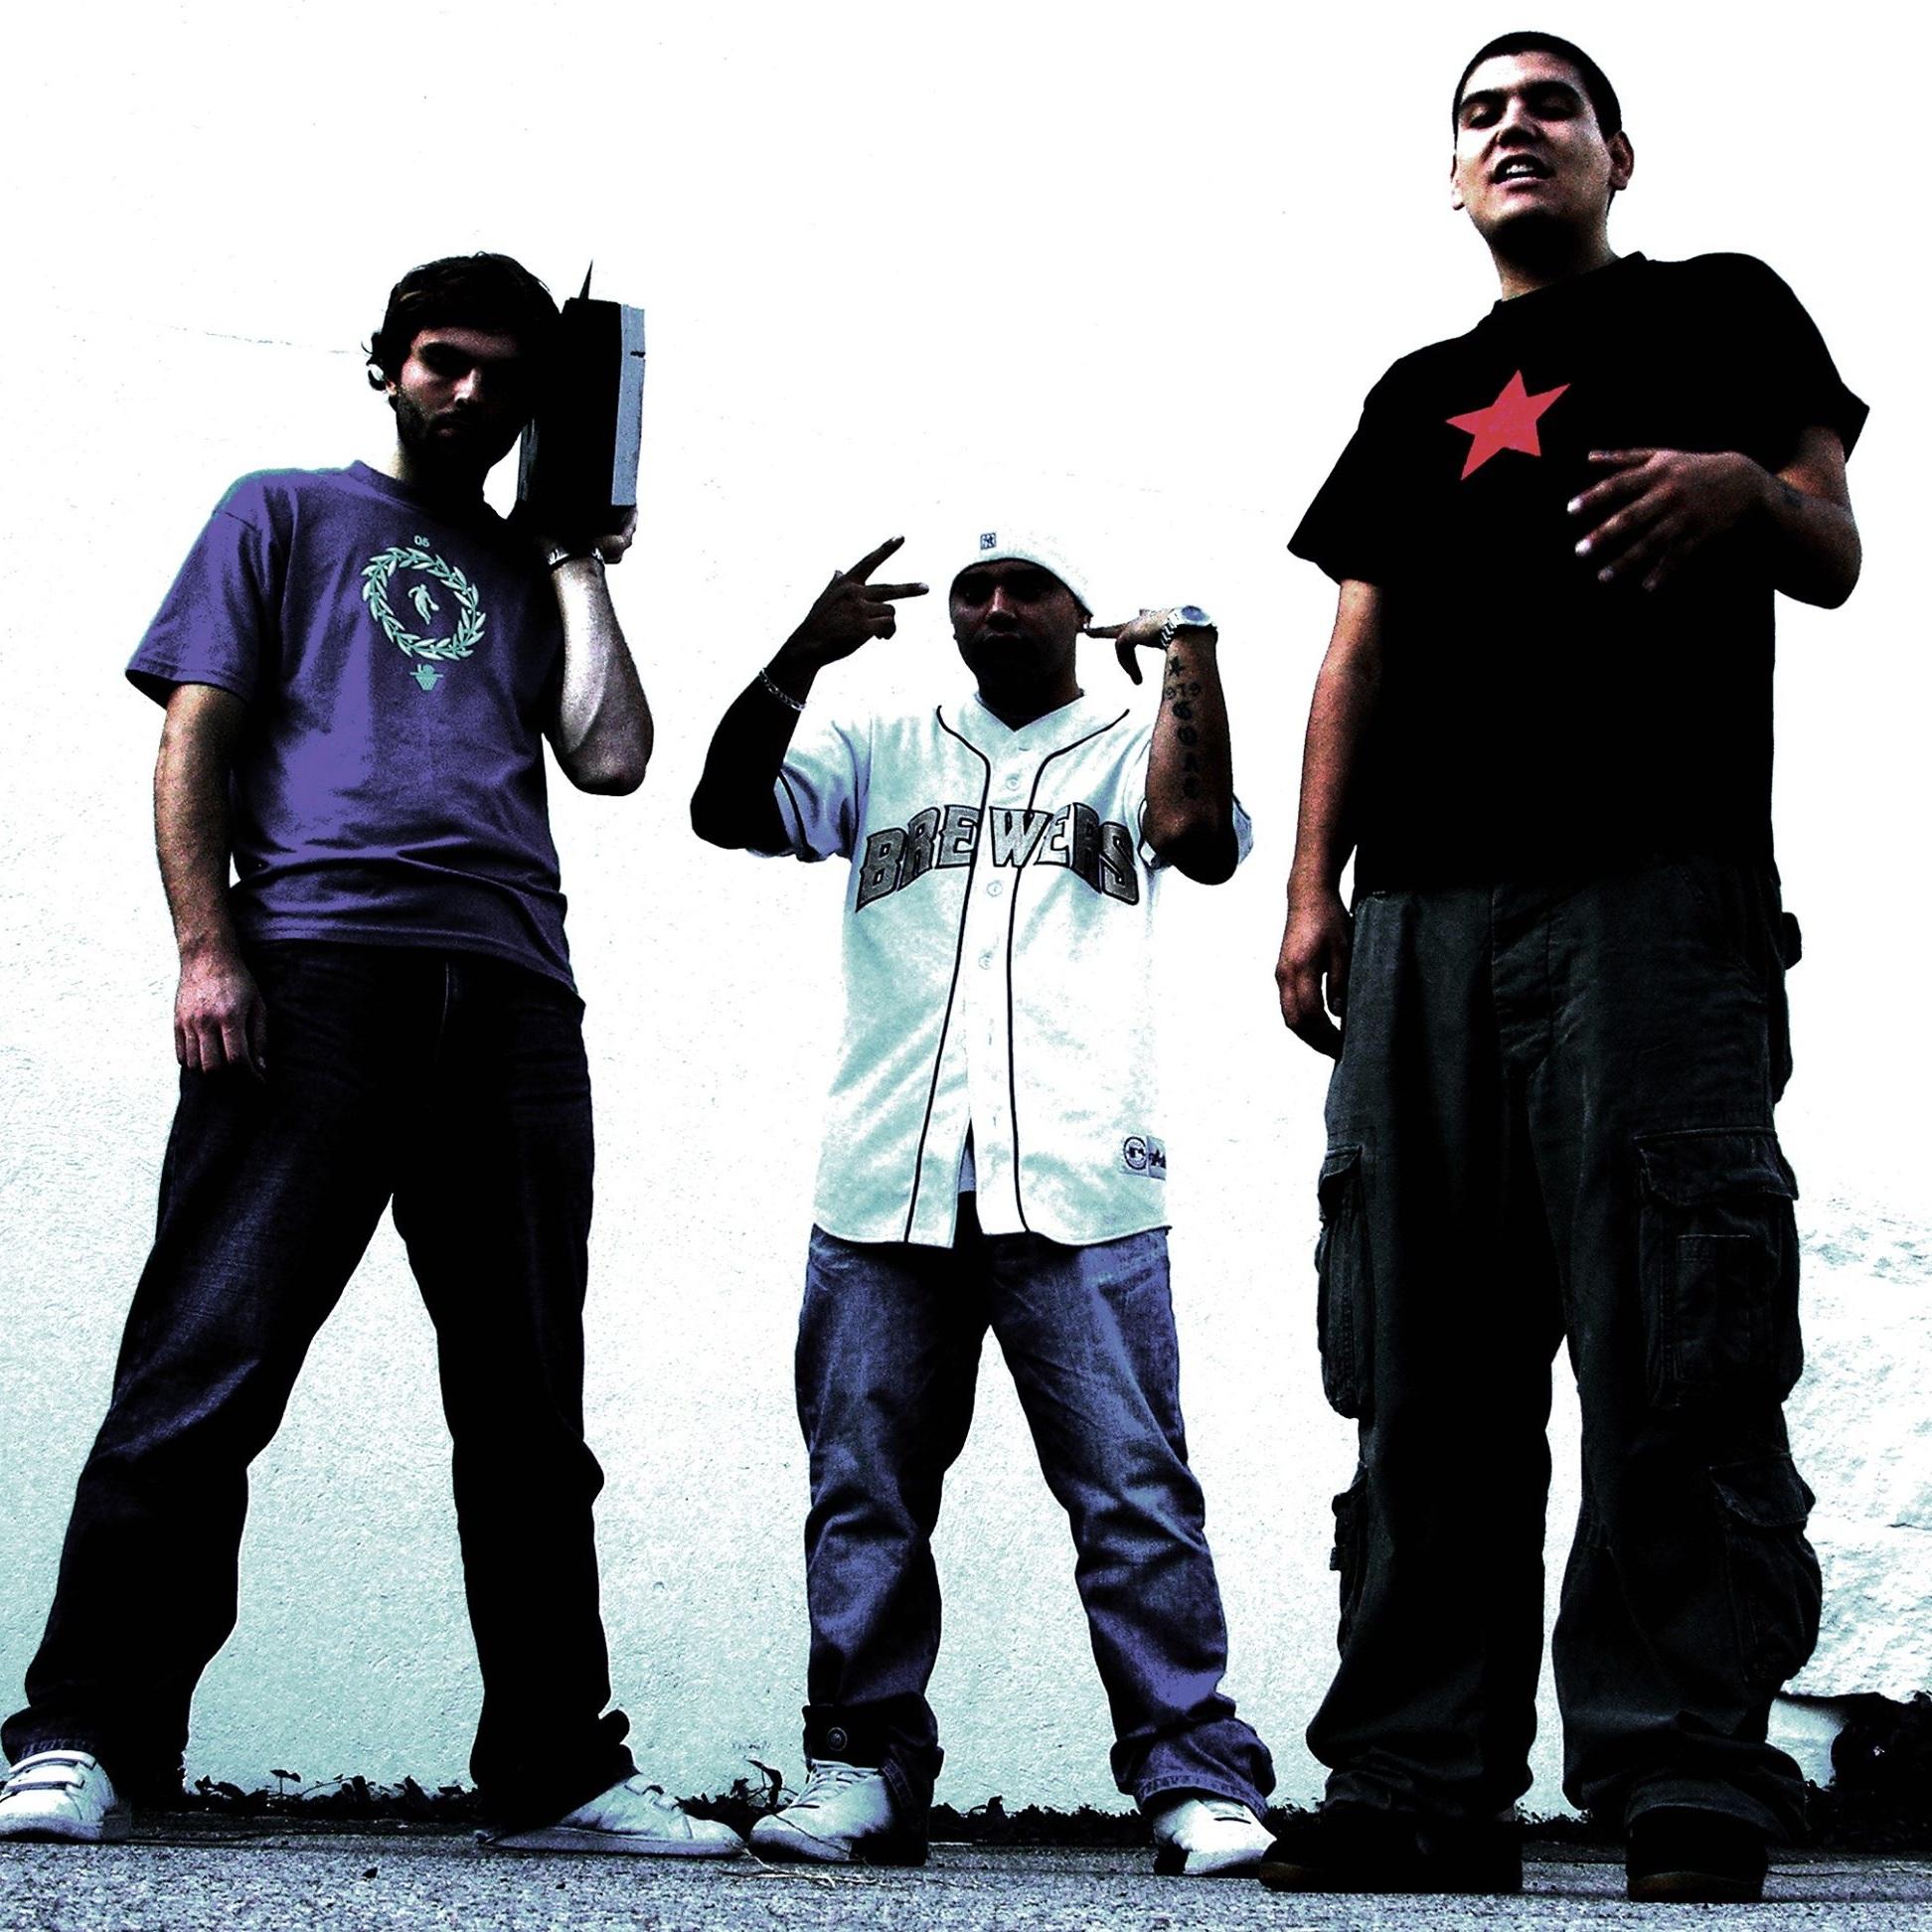 DARKSIDE OF THE FORCE - Trioen består av brødrene Salvador Sanchez og Oscar Sepulveda samt DJ Breakneck, og tilhører den absolutte elite når vi snakker old school-legender i Norge.Det selvtitulerte debutalbumet ble utgitt av Christer Falck i 1998. Dessverre fokuserte media mere på «hiphop-krigen» enn det faktum at vi hadde fått en av de første virkelige klassikerne i hiphop-sjangernen her til lands.Albumet kom endelig ut på vinyl i år, og kom dermed akkurat for seint til sitt eget 20-årsjubileum.Oppfølgeren «El Dia De Los Puercos» kom ikke før åtte år senere, men ble fulgt opp med konserter på datidens største norske musikkfestivaler, samt smykket med spellemannspris i hiphop-kategorien.